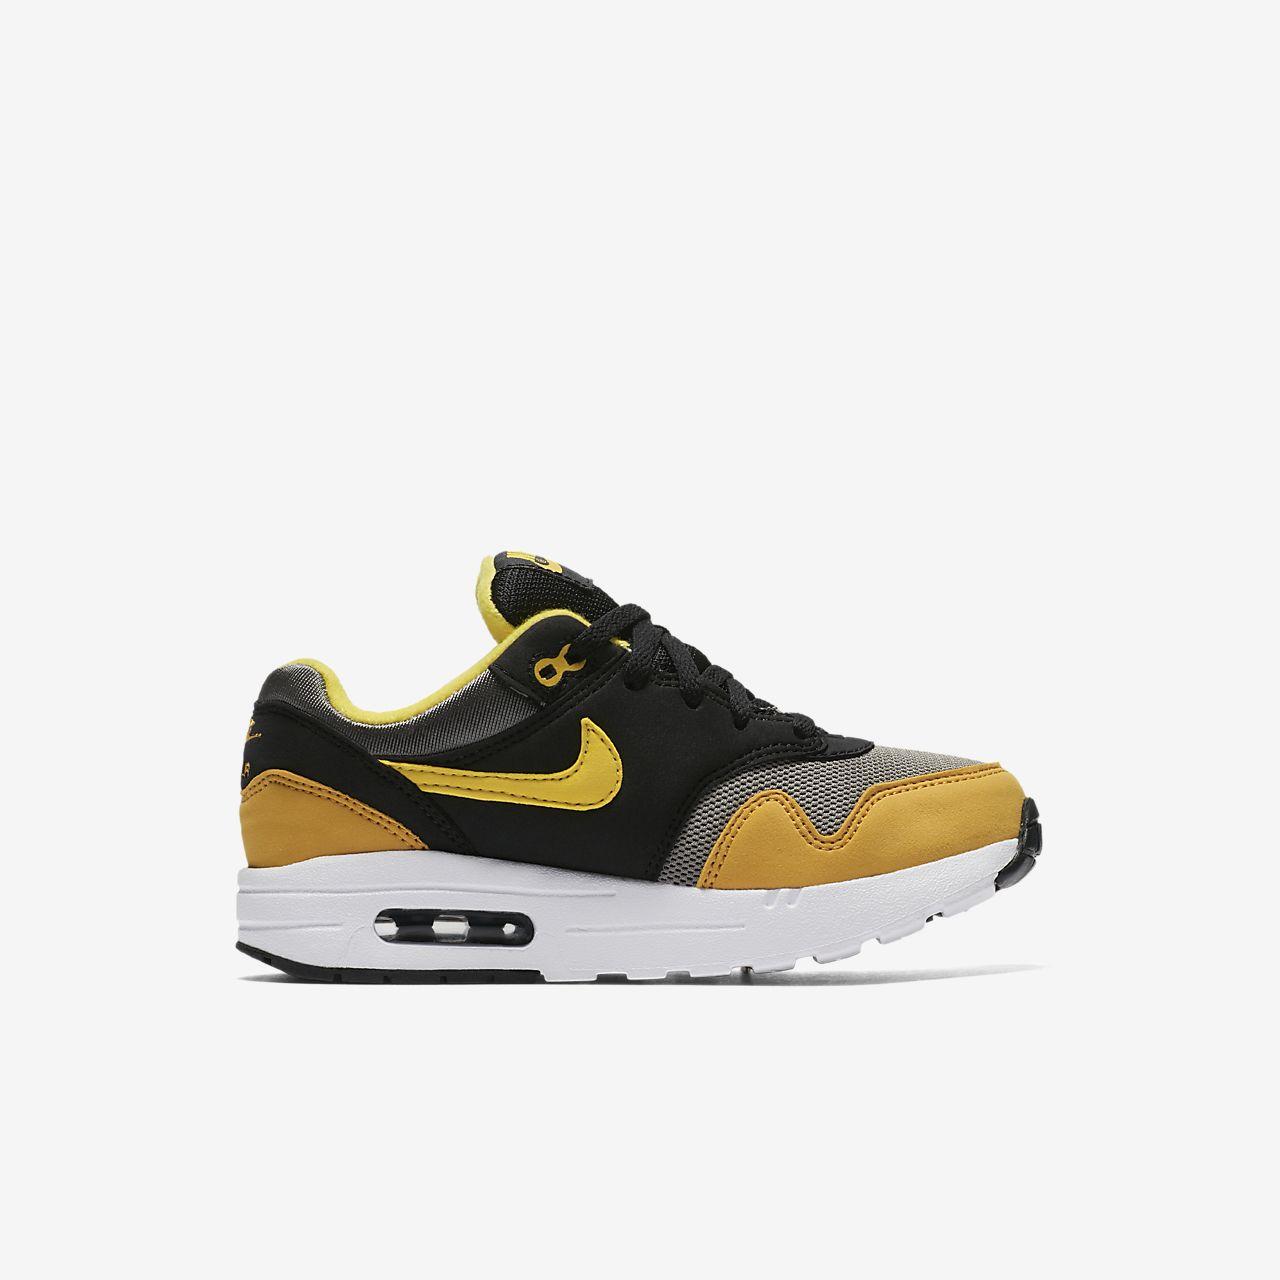 ... Nike Air Max 1 Little Kids' Shoe